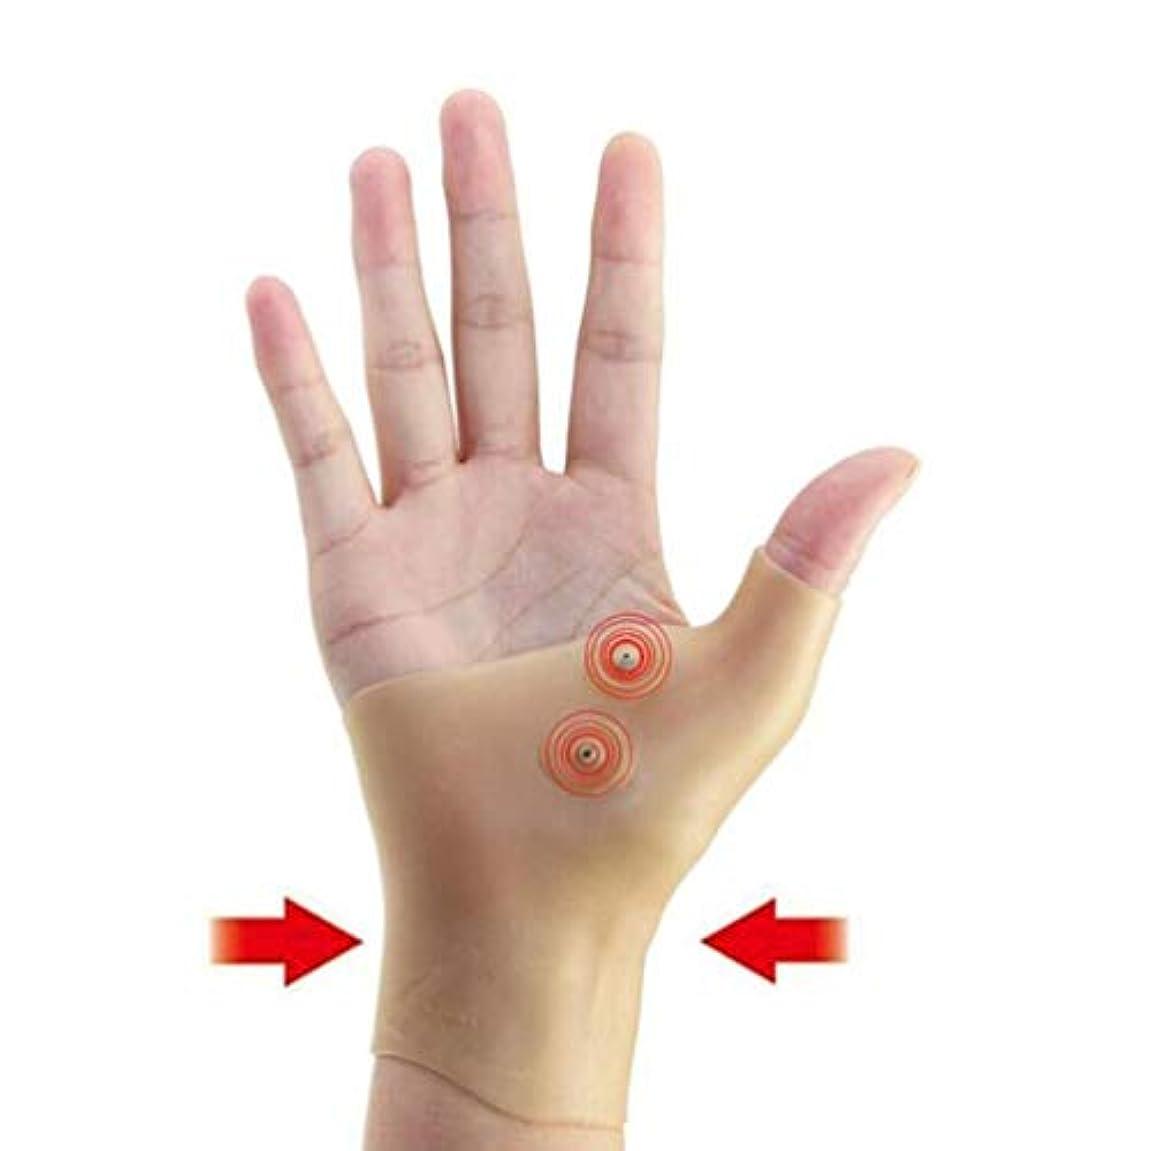 このカートパトワ磁気療法手首手親指サポート手袋シリコーンゲル関節炎圧力矯正器マッサージ痛み緩和手袋 - 肌の色